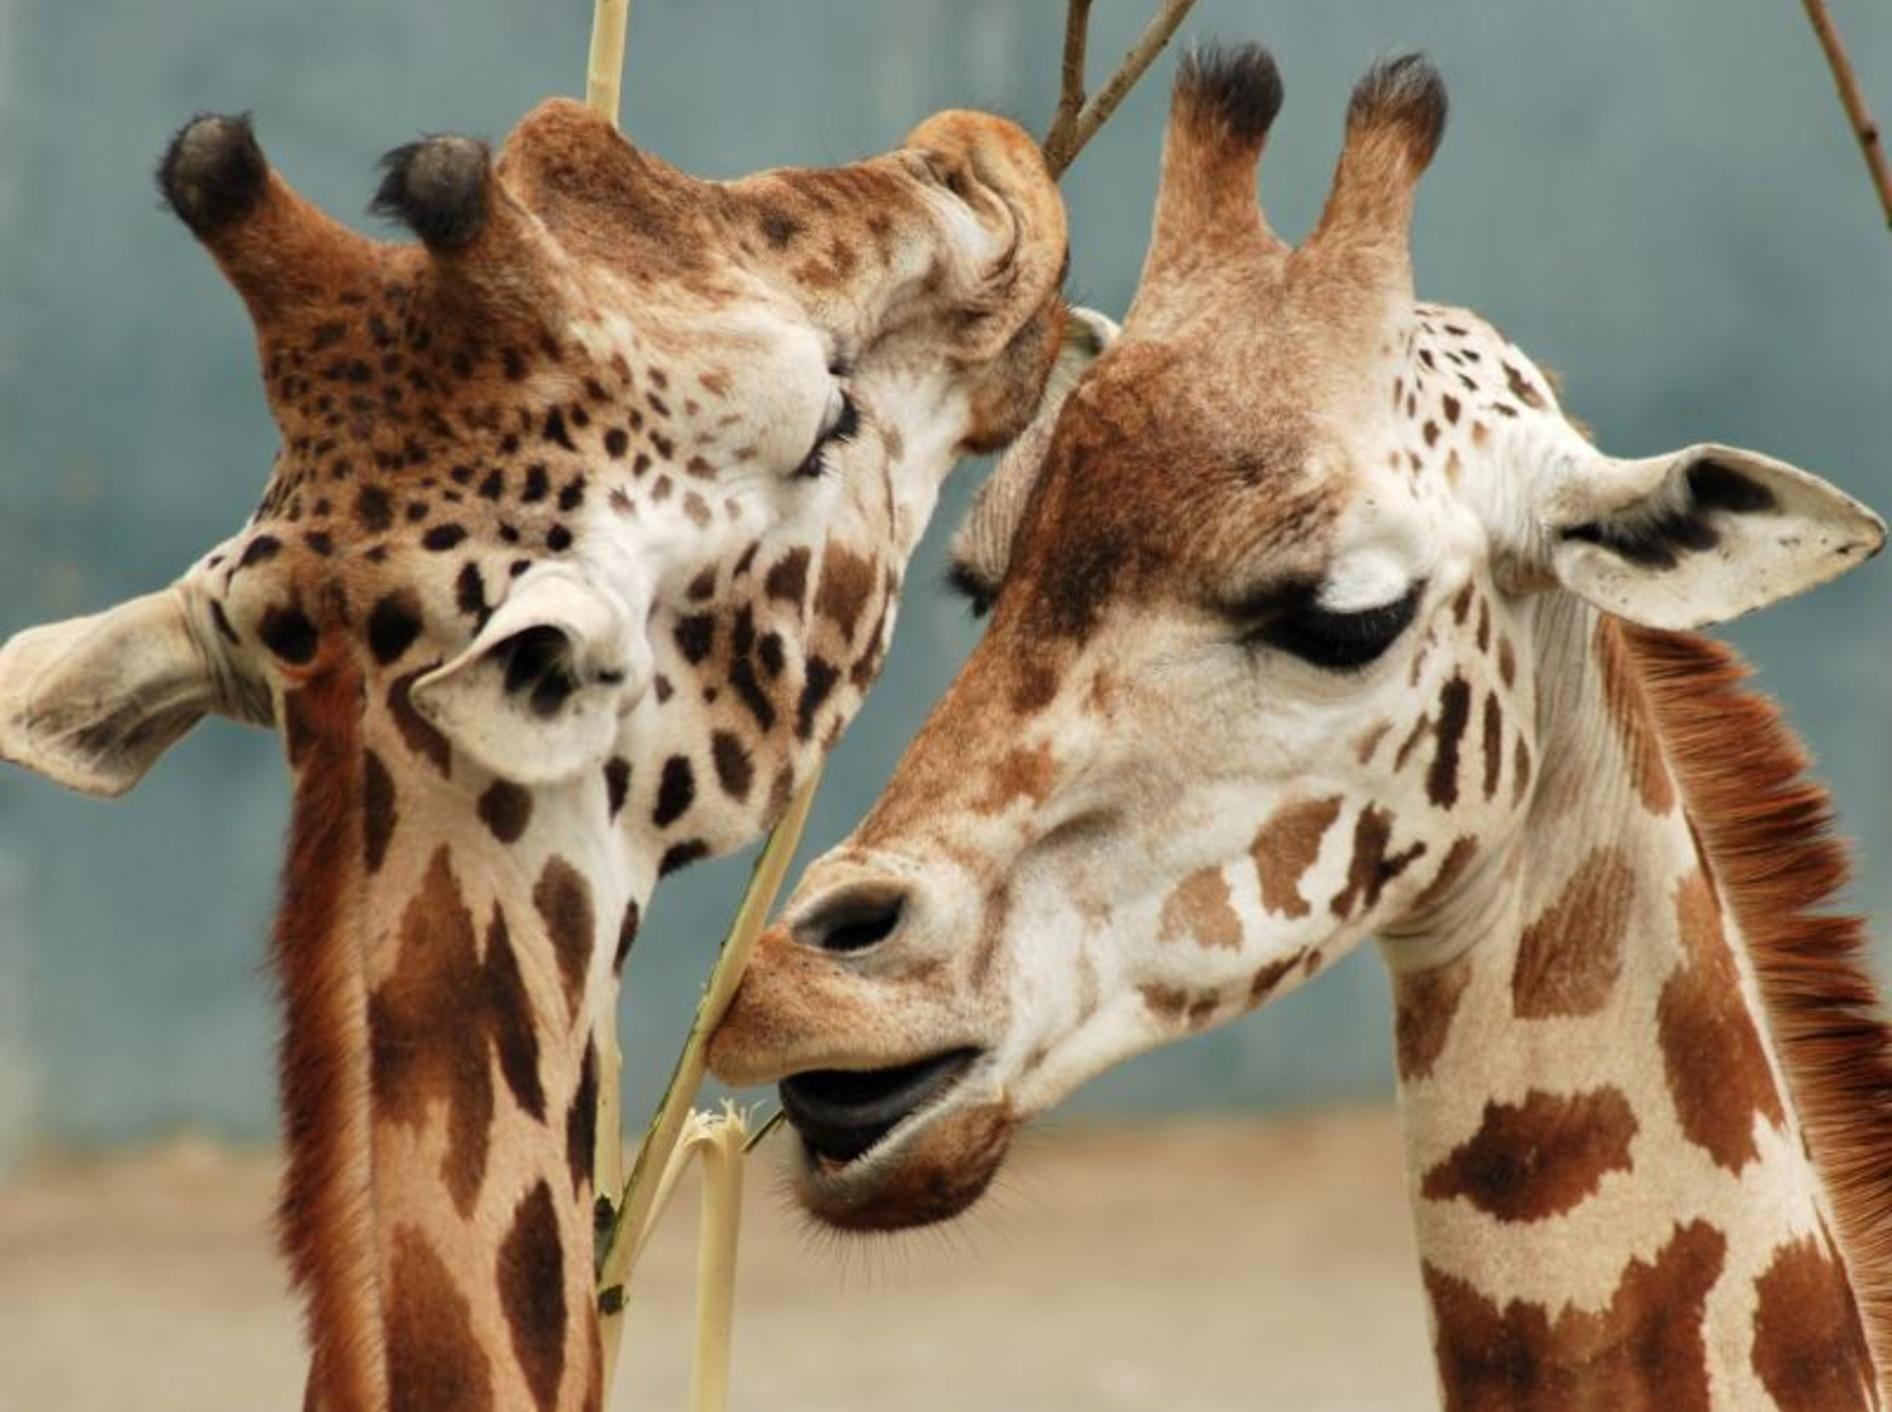 Wie schön: Dieses Giraffenpärchen macht den Anfang in unserer Bildergalerie – Bild: Shutterstock / fishandfish